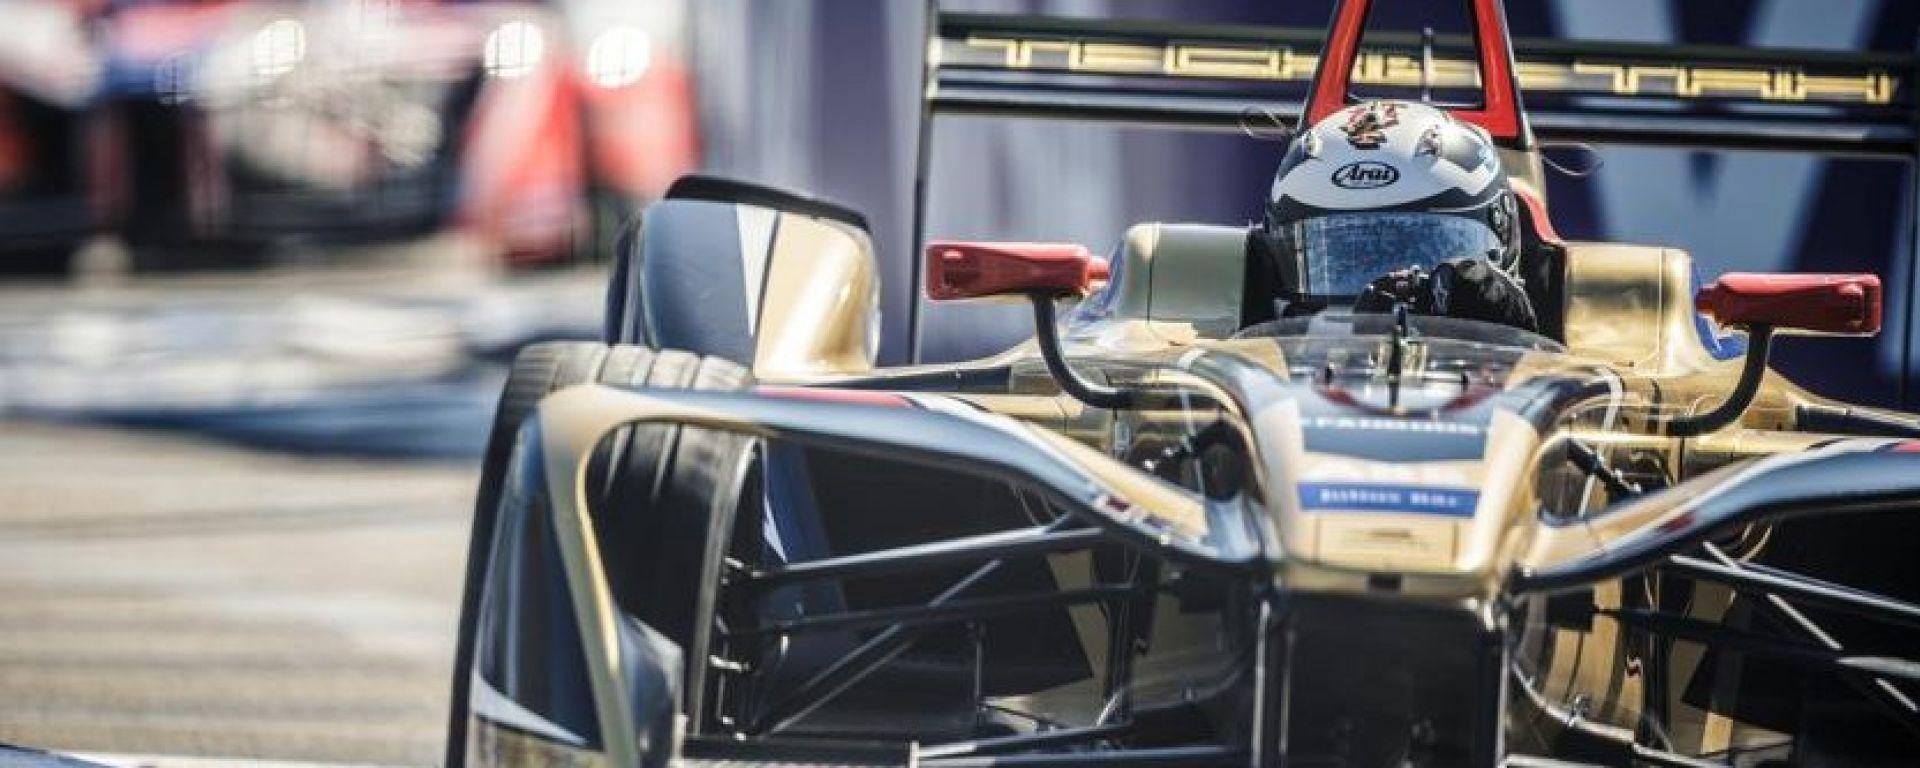 Formula E E-Prix Cina, tutte le info: orari, risultati, qualifica, gara